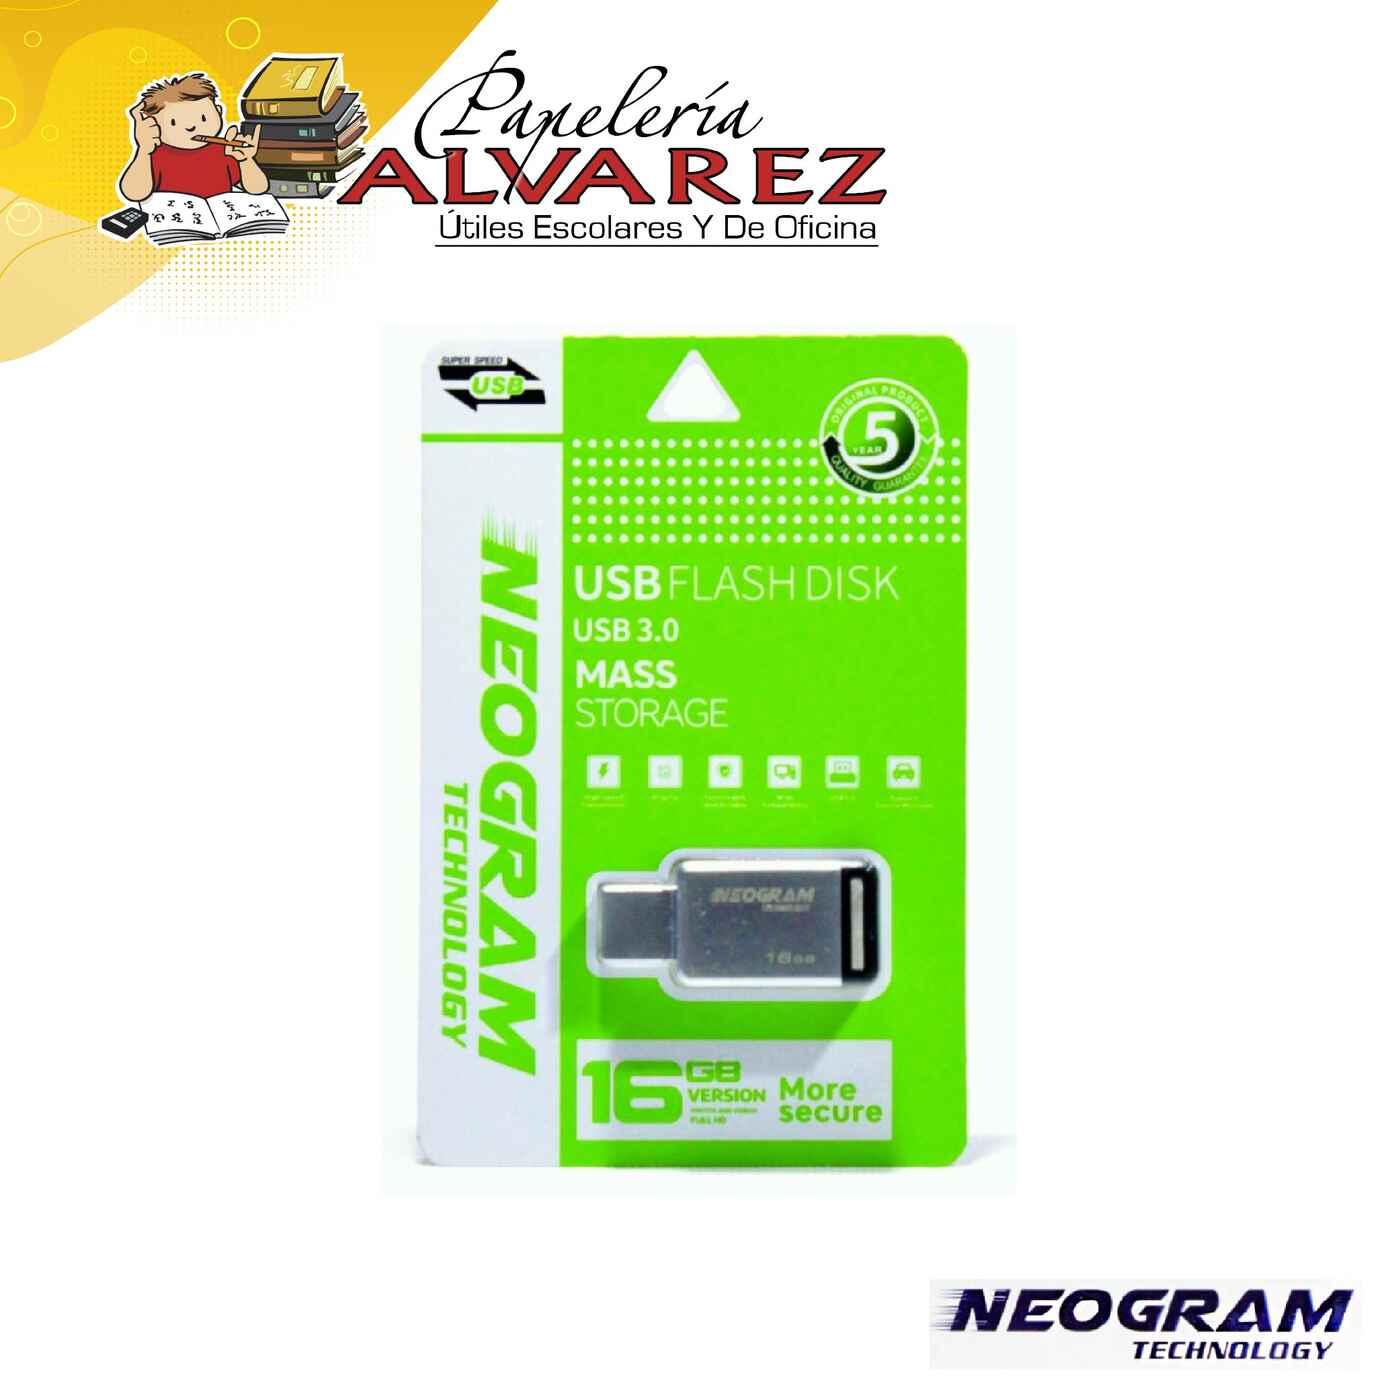 MEMORIA NEOGRAM USB 16GB